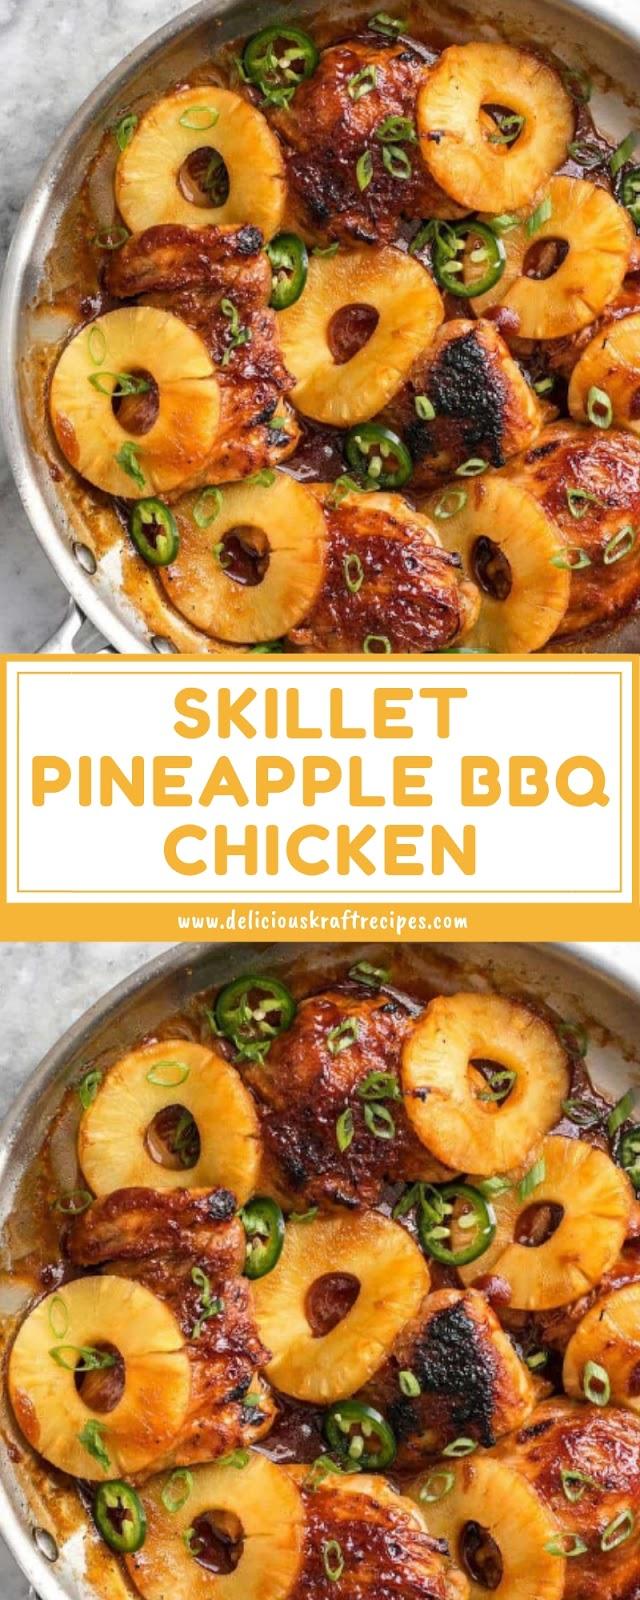 SKILLET PINEAPPLE BBQ CHICKEN